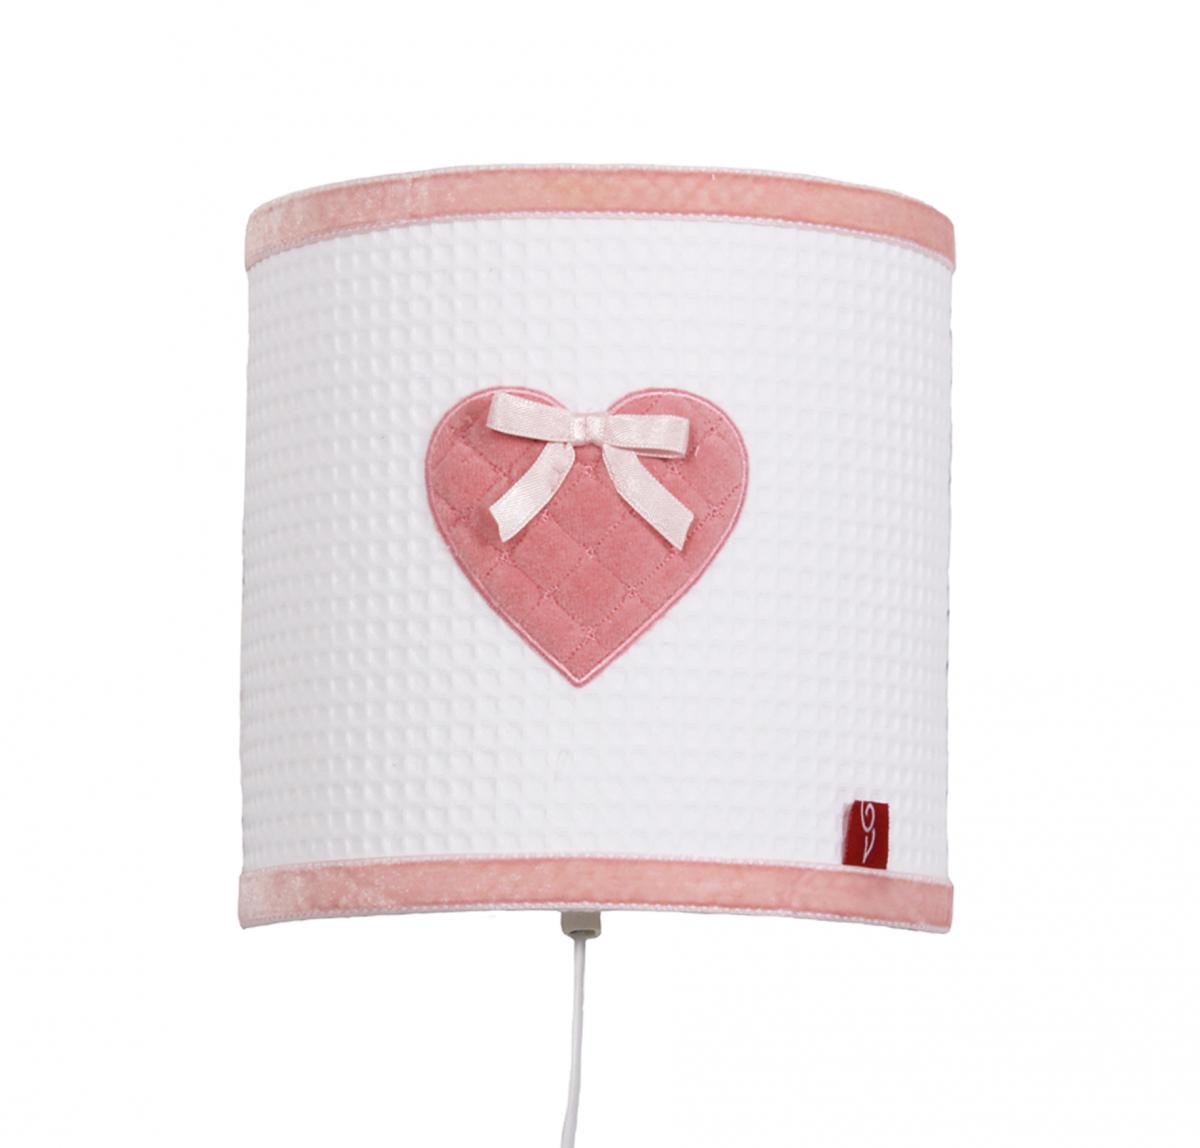 Little Tulip eco Wandlamp lamp roze hart luxe exclusief kinderkamer babykamer lamp  babyuitzet lief oudroze